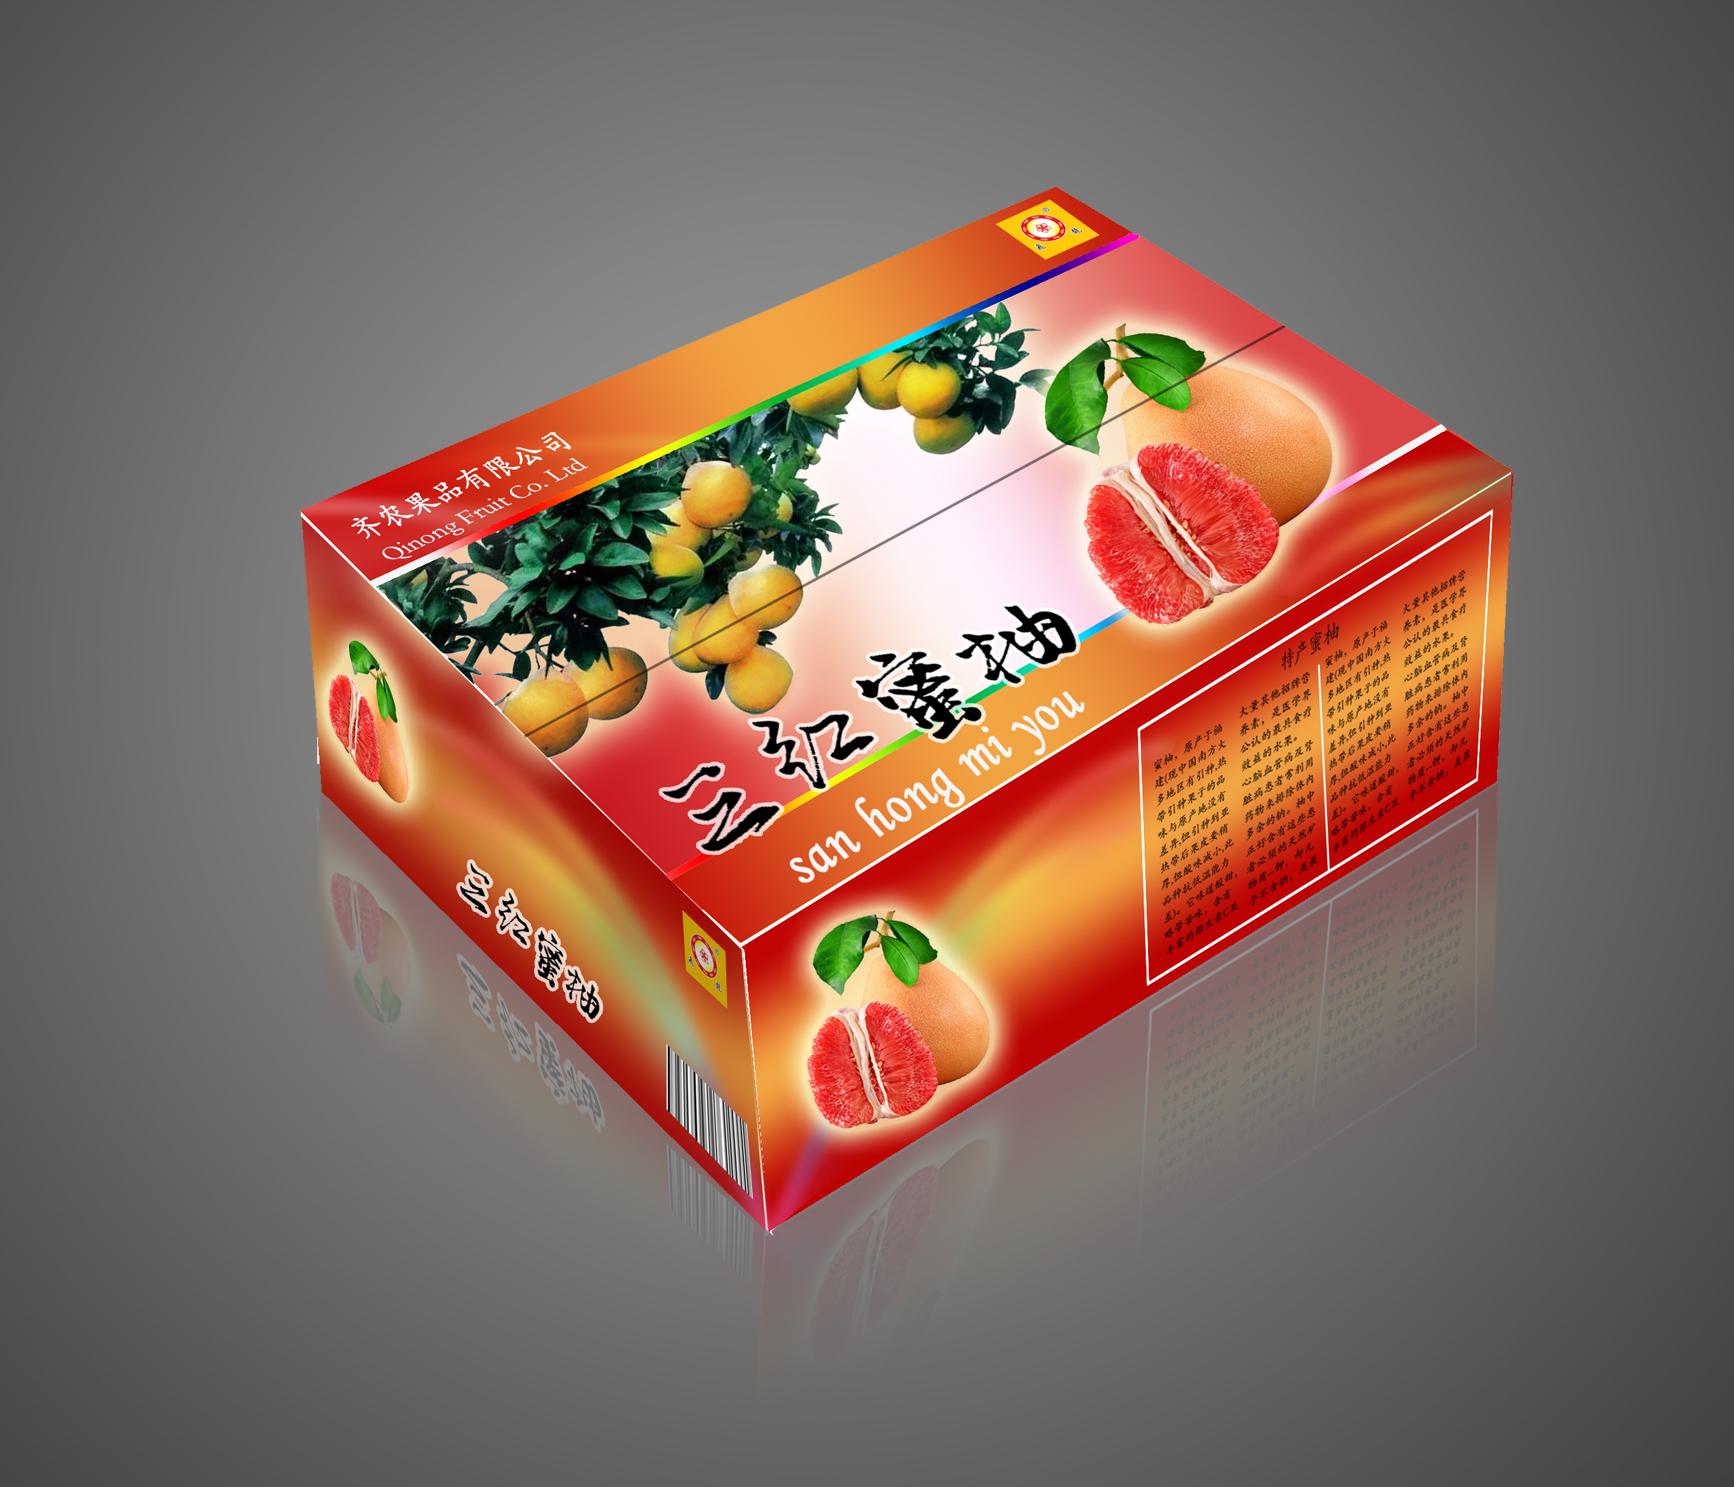 三红蜜柚外箱版面(补充新内容)_2966215_k68威客网